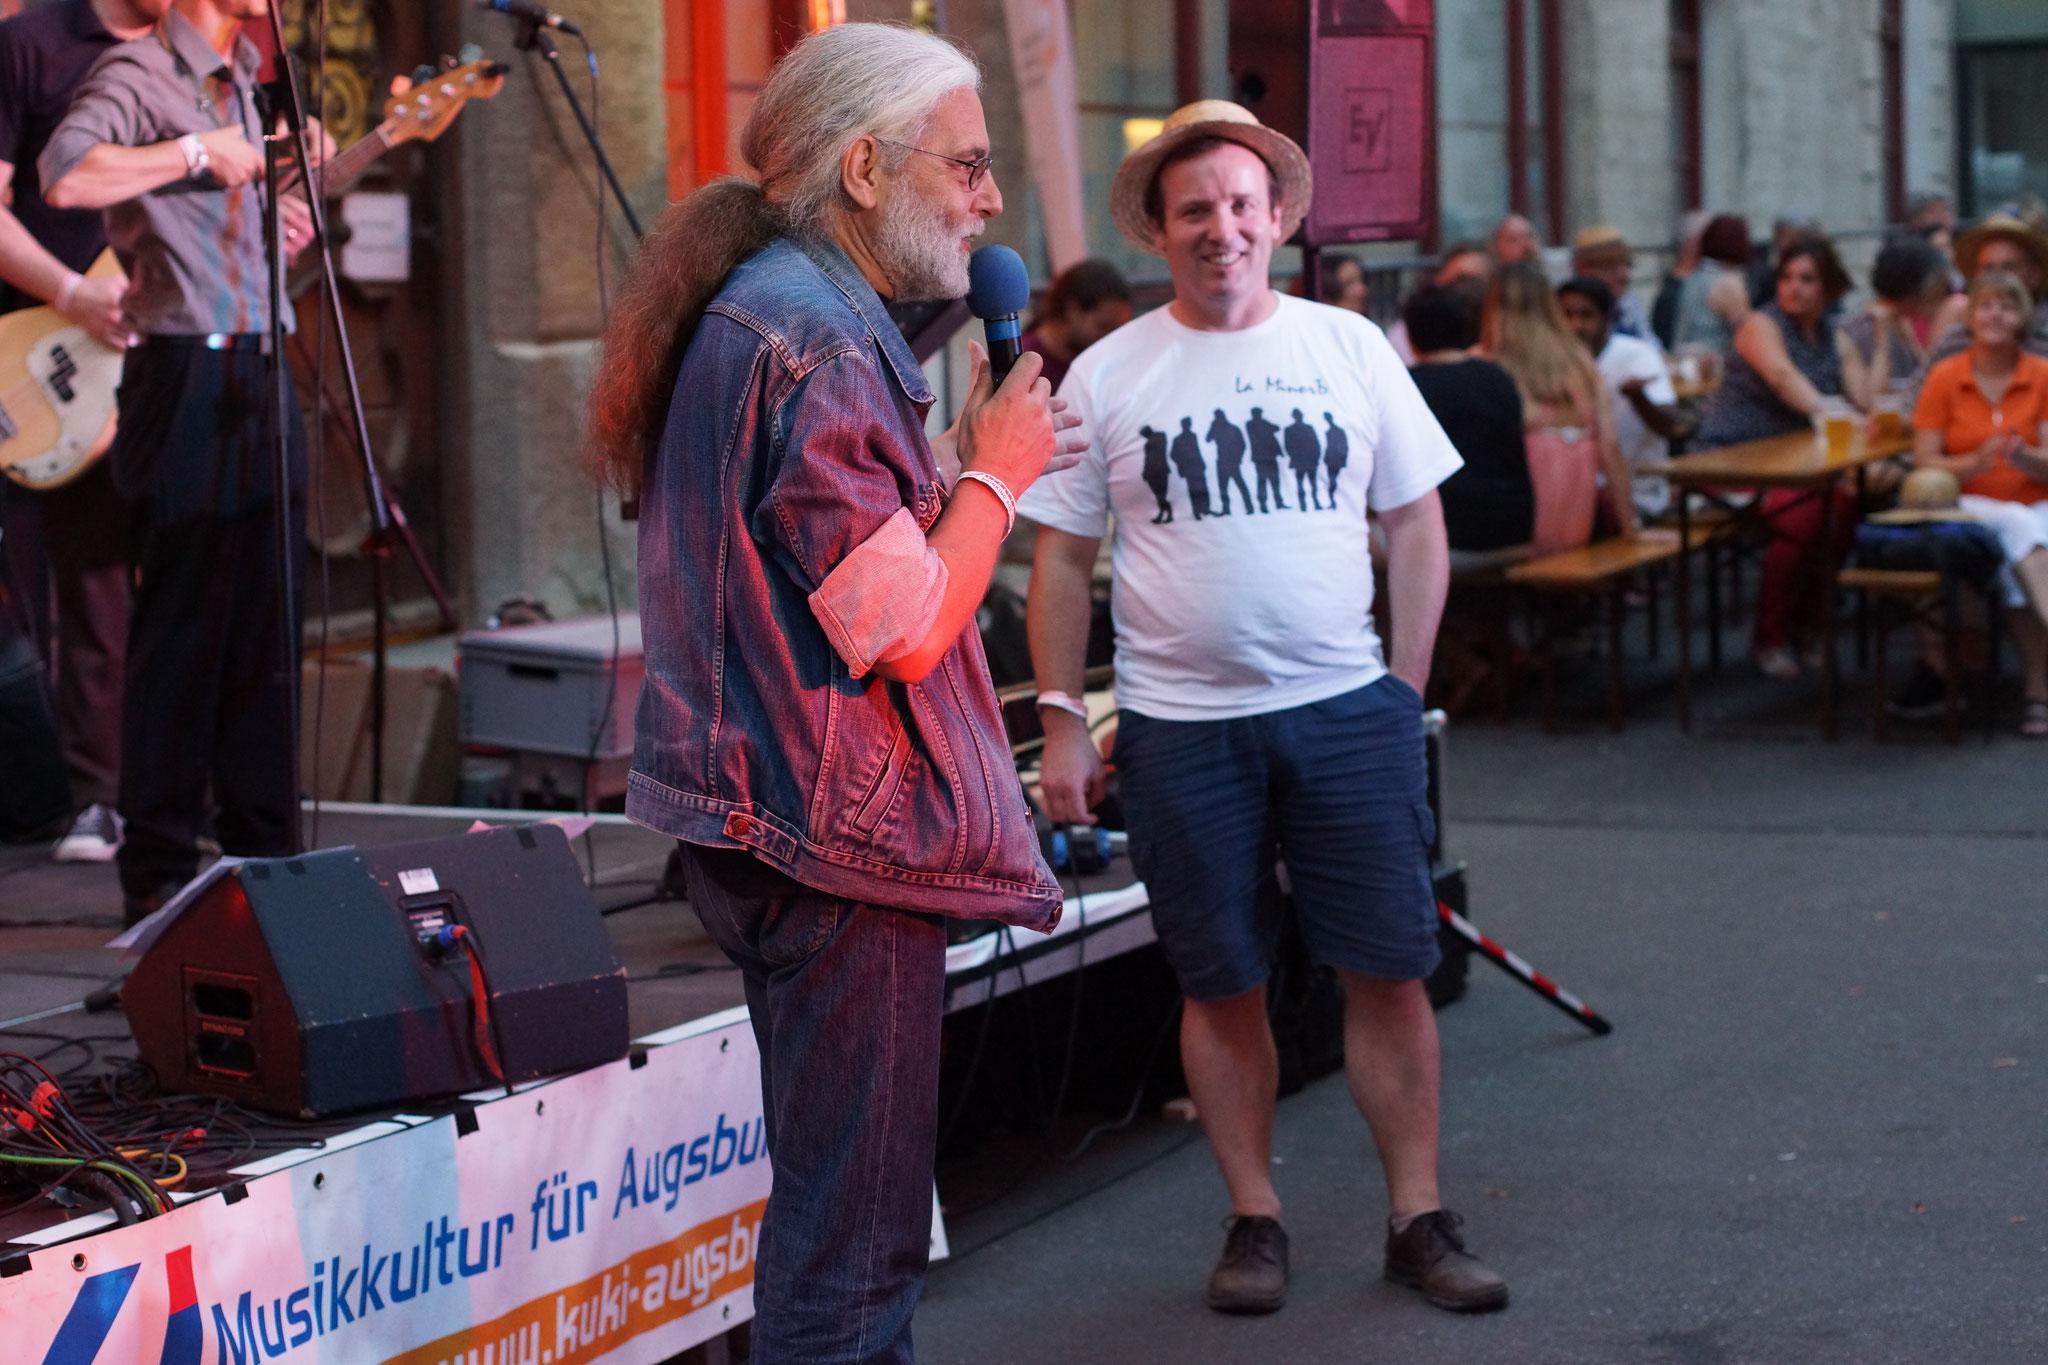 Konzerte im Bürgerhof 02.07.15 Wolfgang F. Lightmaster und Manfred Hörr - Freiwilligen-Zentrum Augsburg - Foto: Crayfish